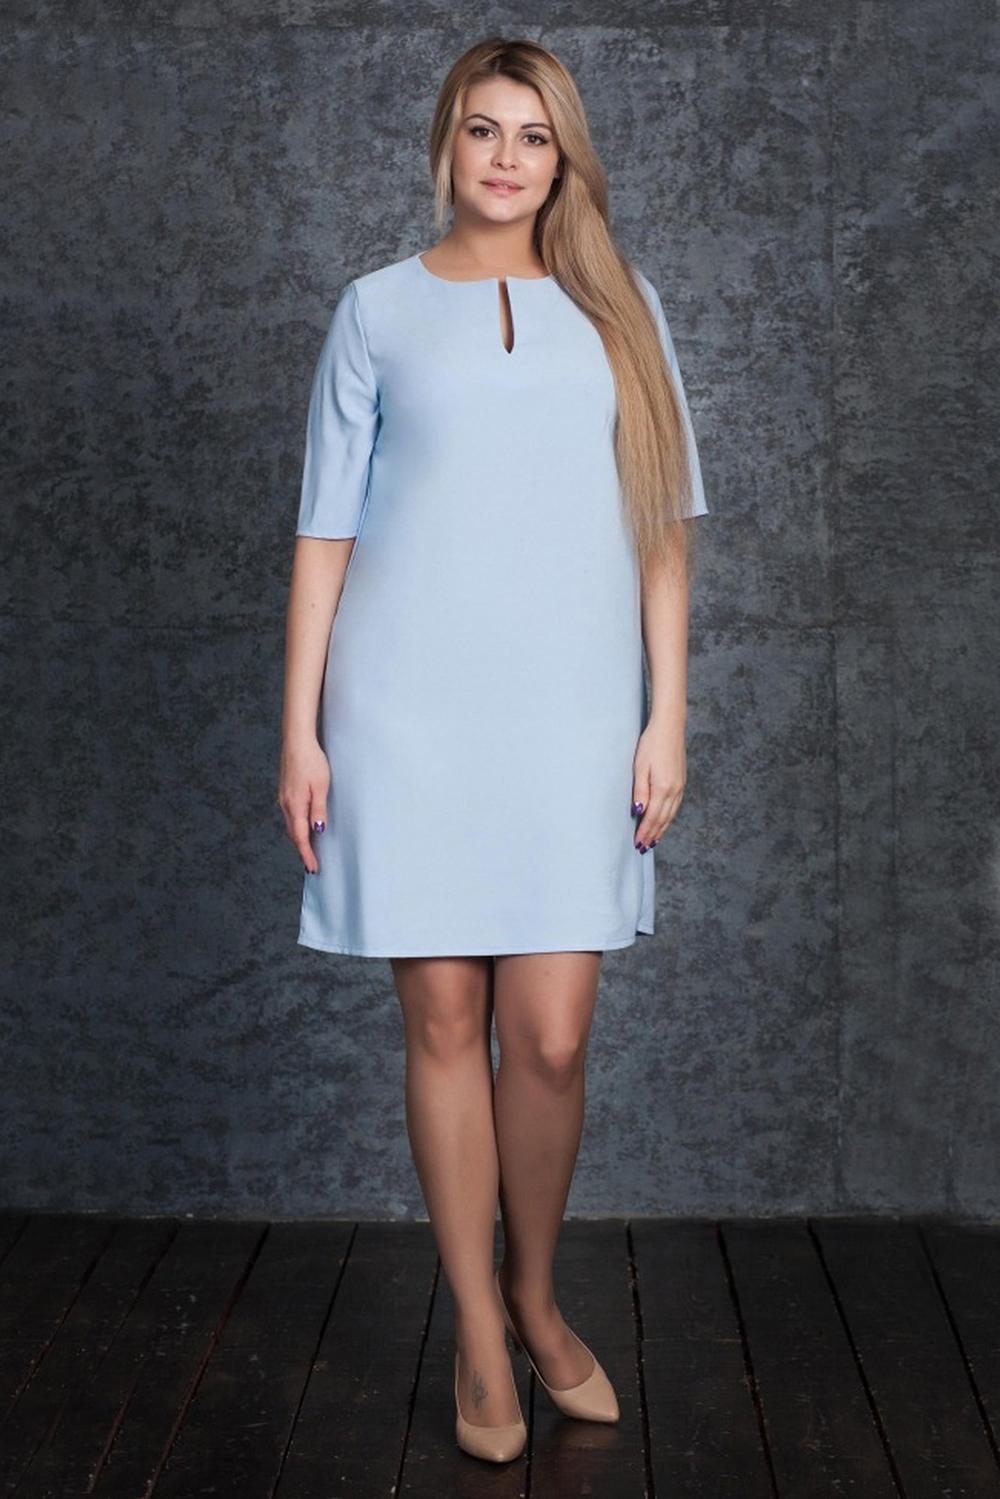 ПлатьеПлатья<br>Платье приятного голубого цвета прямого силуэта. Выполнено из практичного, качественного материала, украшено вырезом на переде. Втачные рукава выше локтя, круглый вырез горловины.  Цвет: голубой.  Рост девушки-фотомодели 170 см.<br><br>Горловина: С- горловина,Фигурная горловина<br>По длине: До колена<br>По материалу: Тканевые<br>По рисунку: Однотонные<br>По силуэту: Прямые<br>По стилю: Классический стиль,Кэжуал,Офисный стиль,Повседневный стиль<br>Рукав: До локтя<br>По сезону: Лето,Осень,Весна<br>Размер : 42,44,46,48<br>Материал: Креп<br>Количество в наличии: 4